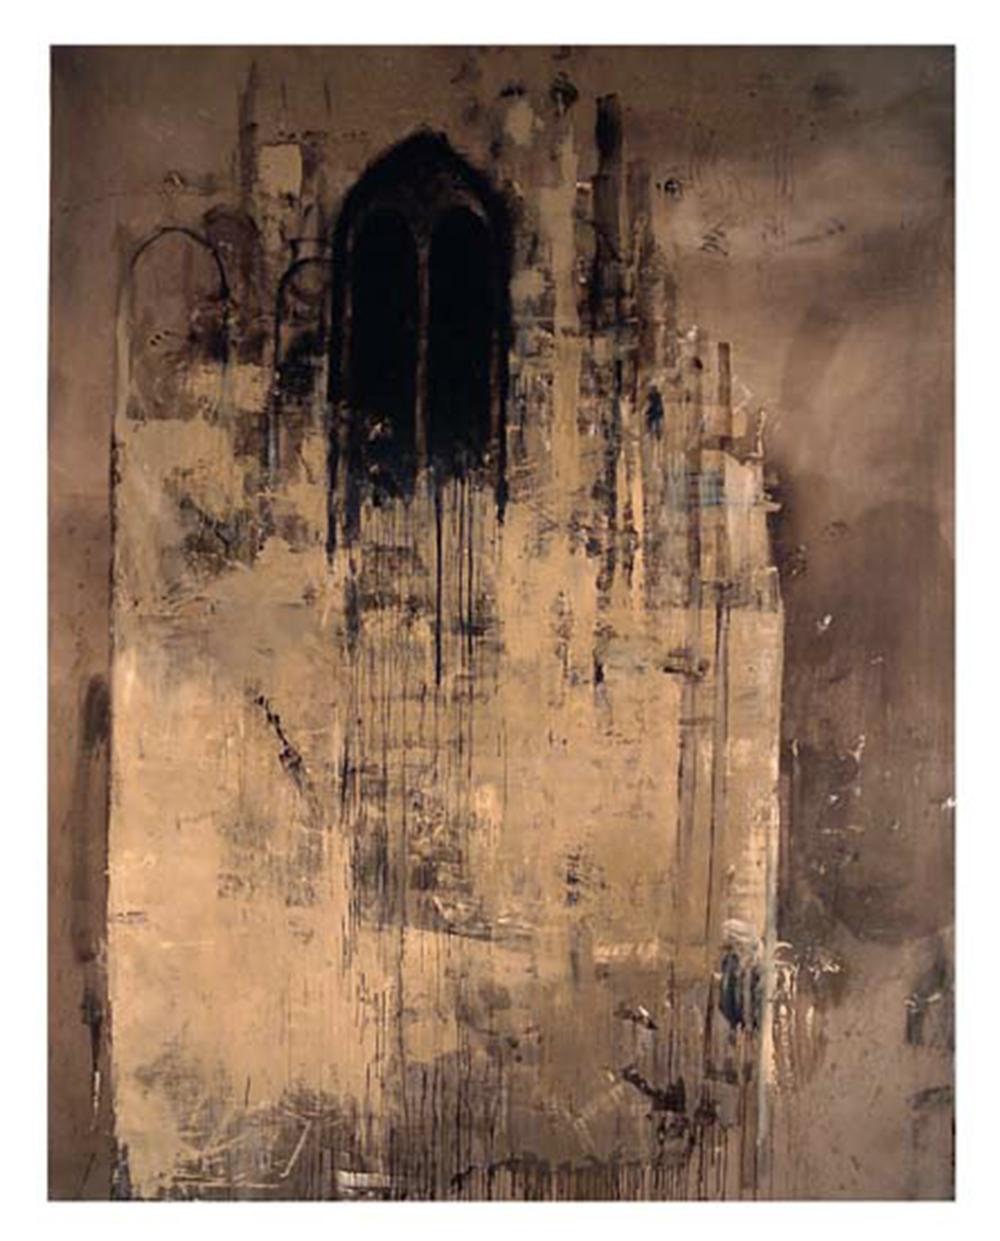 Cattedrale, 2004, olio su tela, cm 395x308 - Collez. Carisbo S. Giorgio in Poggiale, Bologna